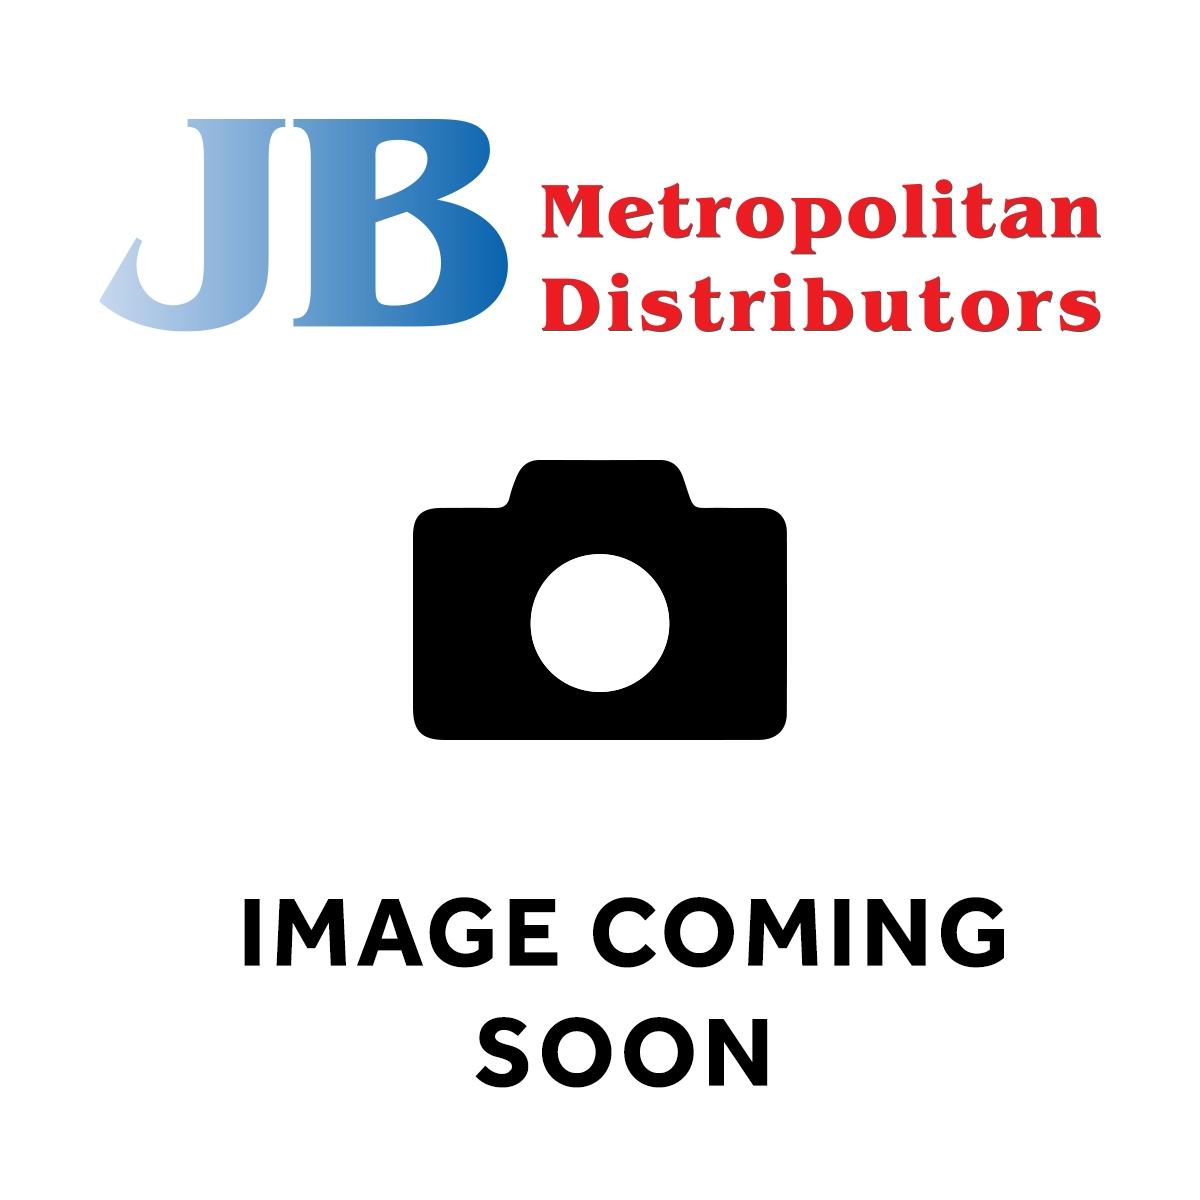 200ML JUST JUICE APPLE & BLACKCURRANT